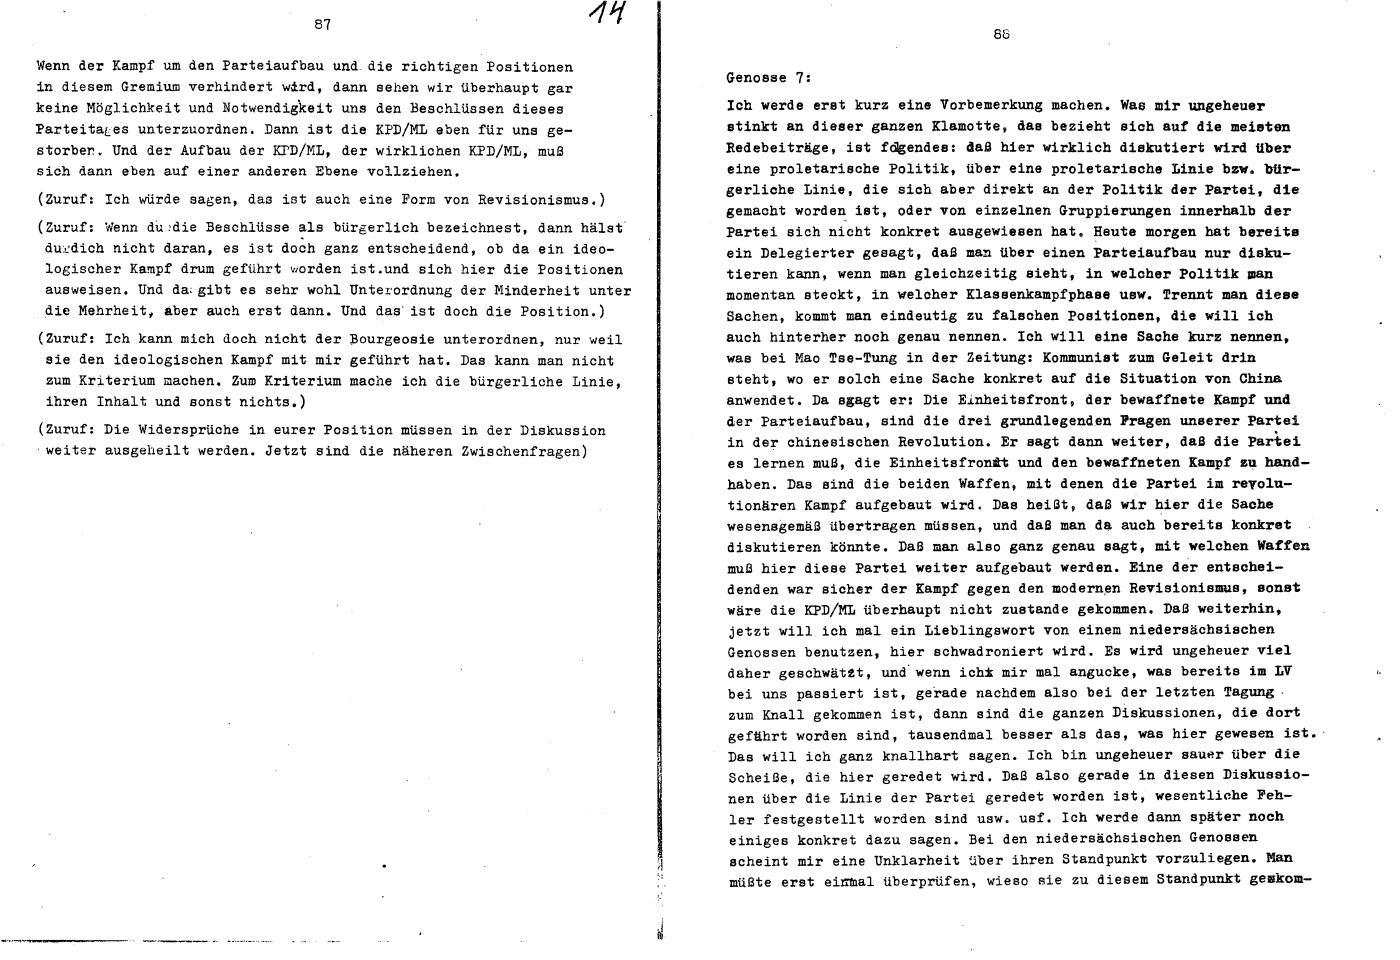 KPDML_1971_Wortprotokolle_aoPt_033